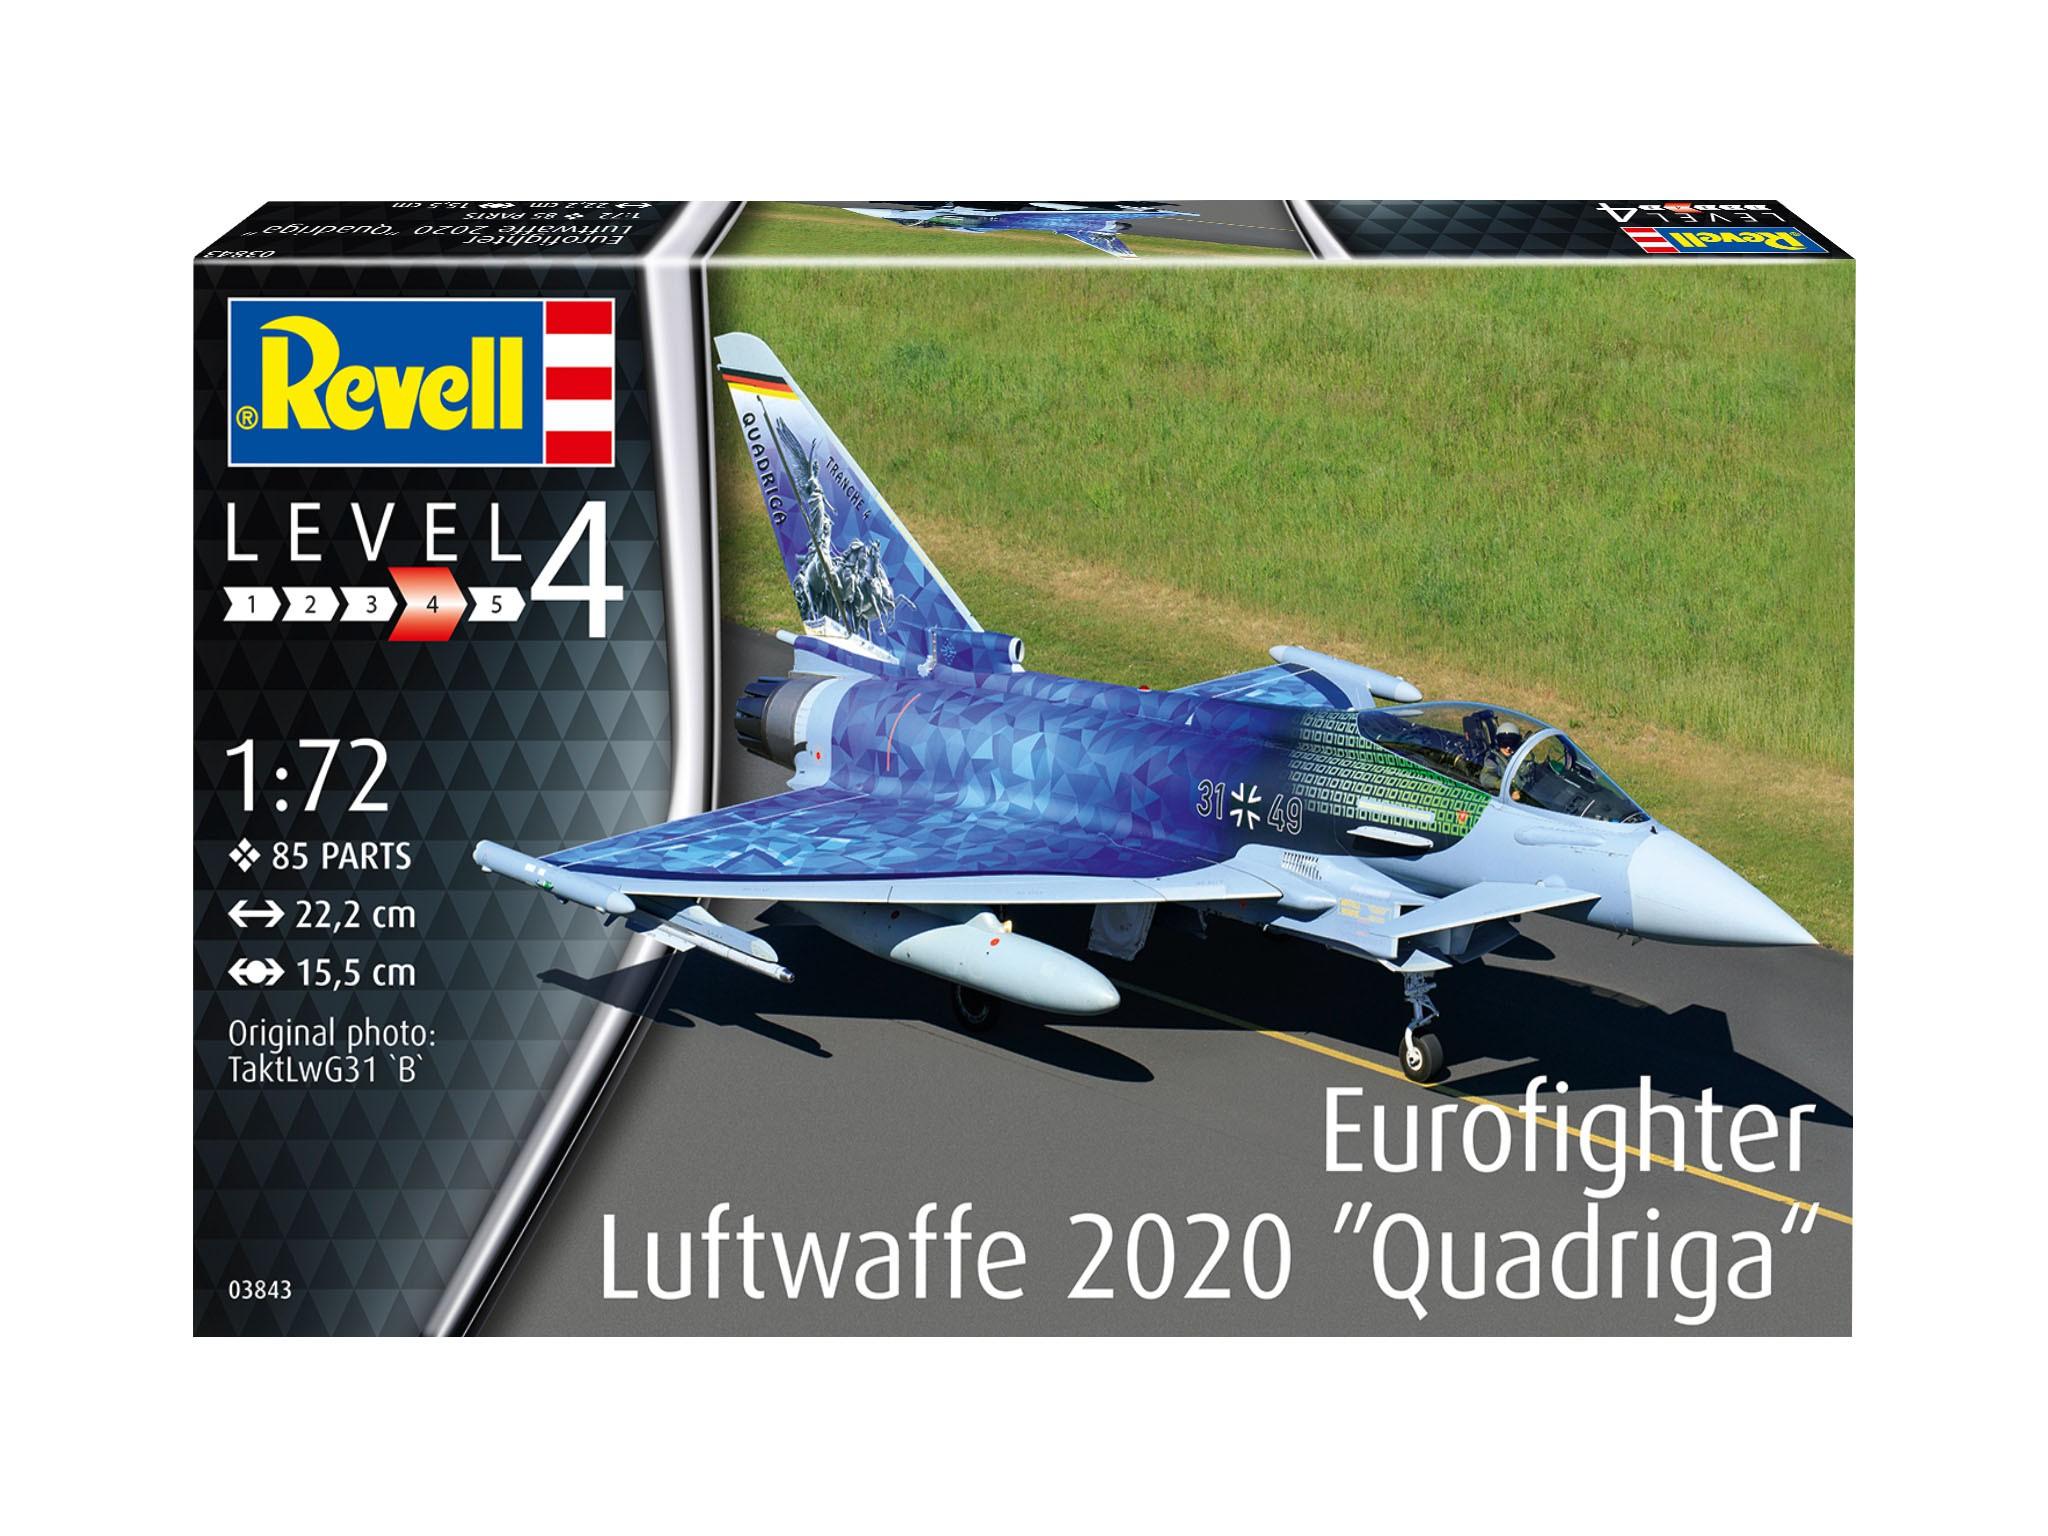 Eurofighter Luftwaffe 2020 Quadriga